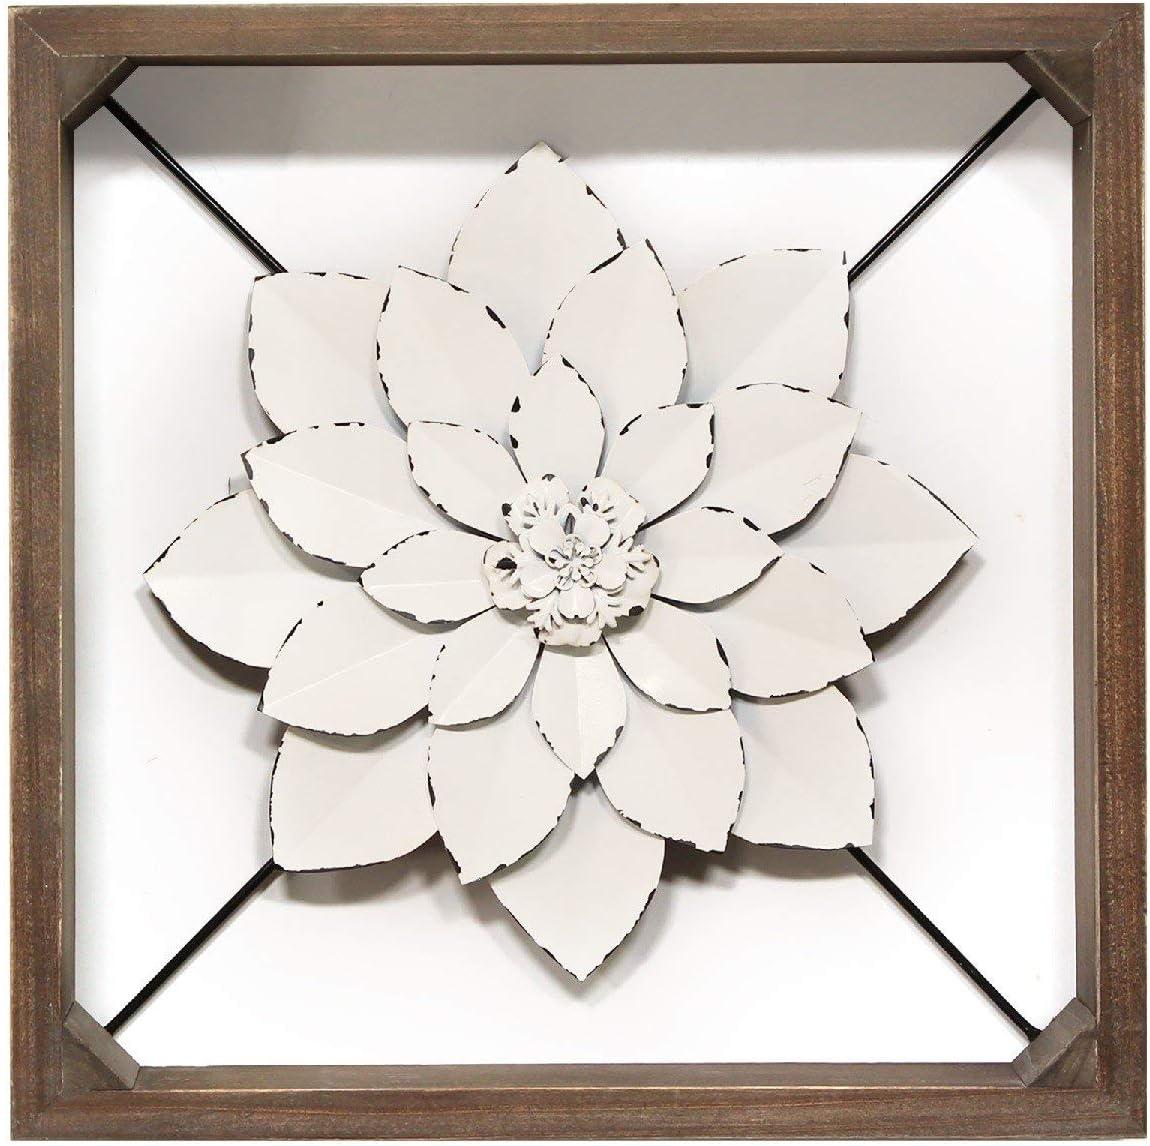 Amazon Com Stratton Home Decor Stratton Home Decor Framed Metal Flower 15 75 W X 2 75 D X 15 75 H Dark Walnut White Home Kitchen